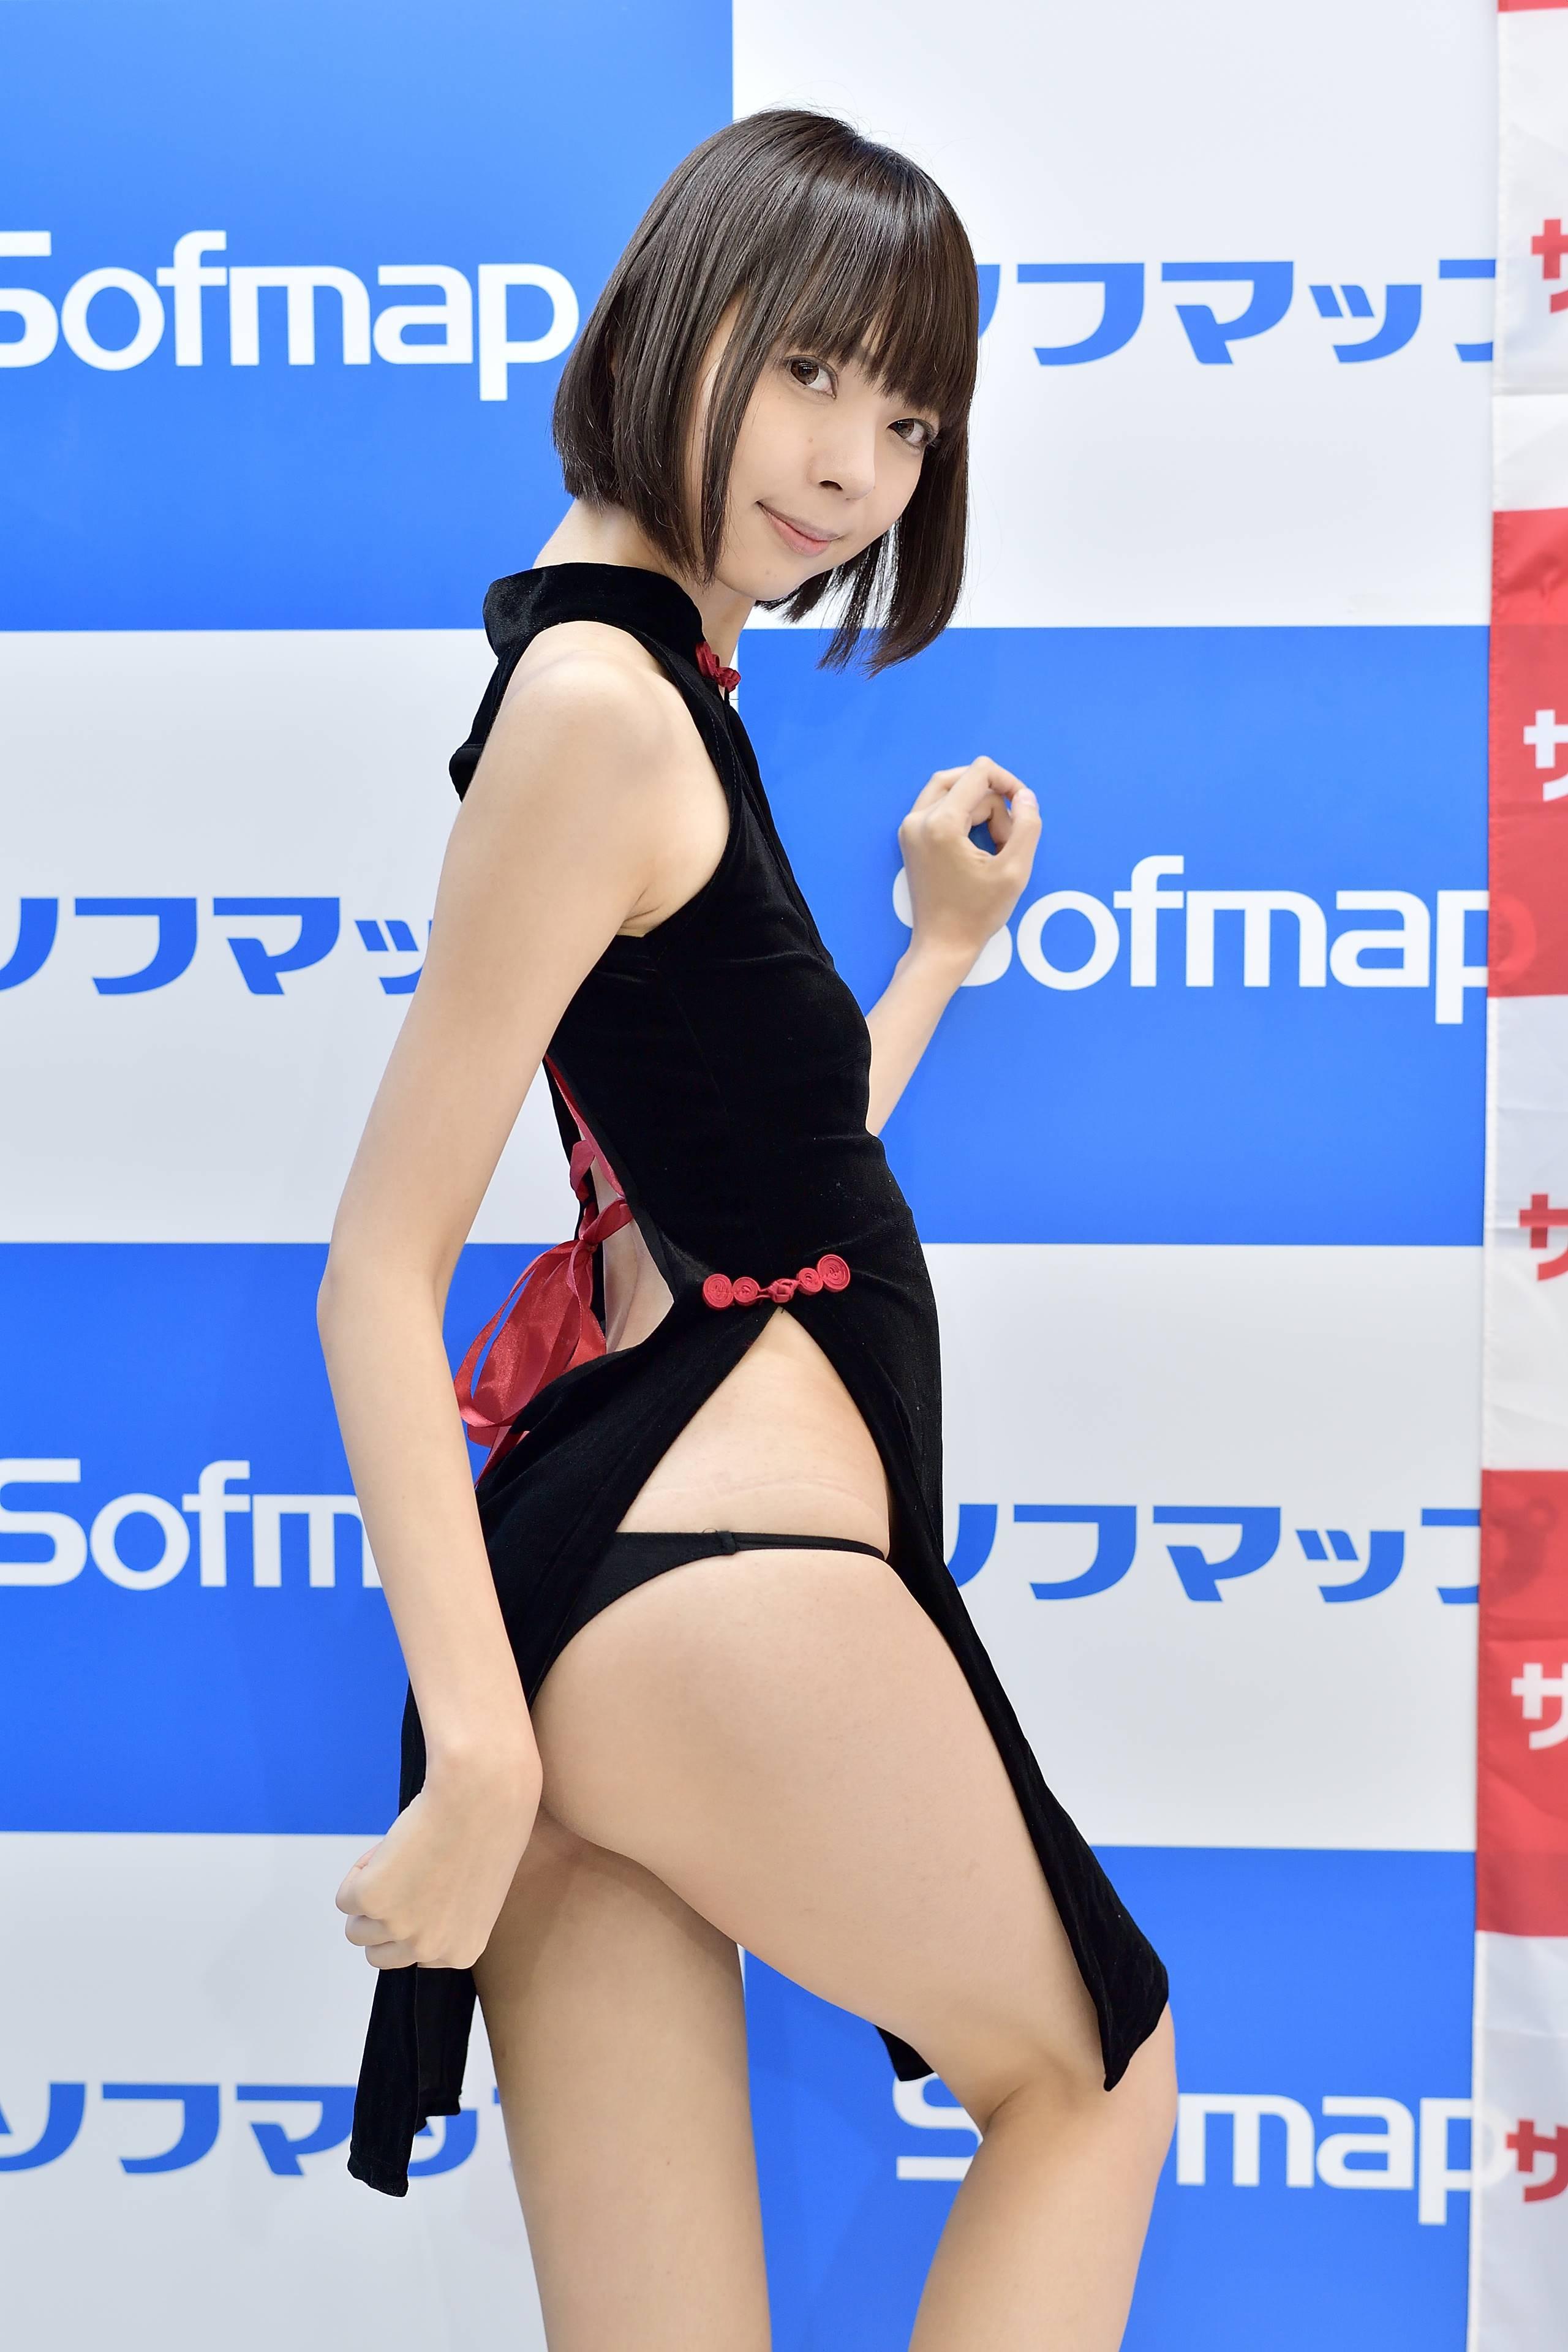 2019年06月14日ソフマップ4号館8階撮影会報告_e0194893_20314768.jpg